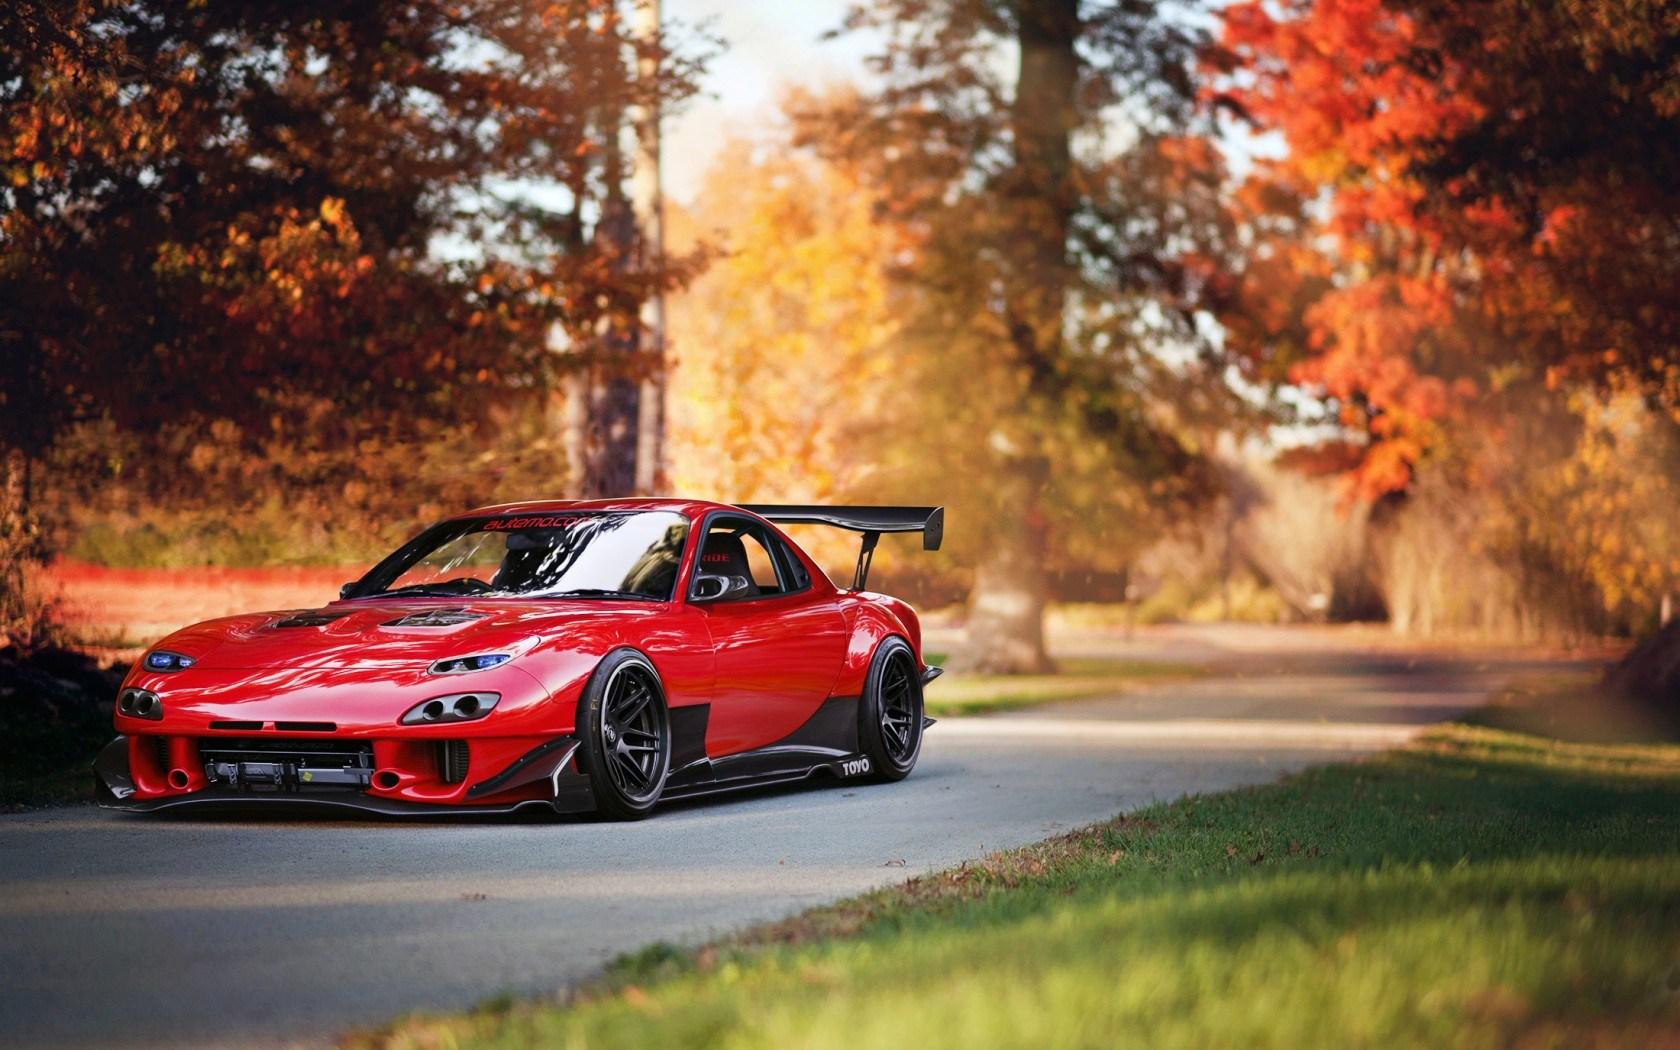 Mazda RX-7 Car Red Tuning